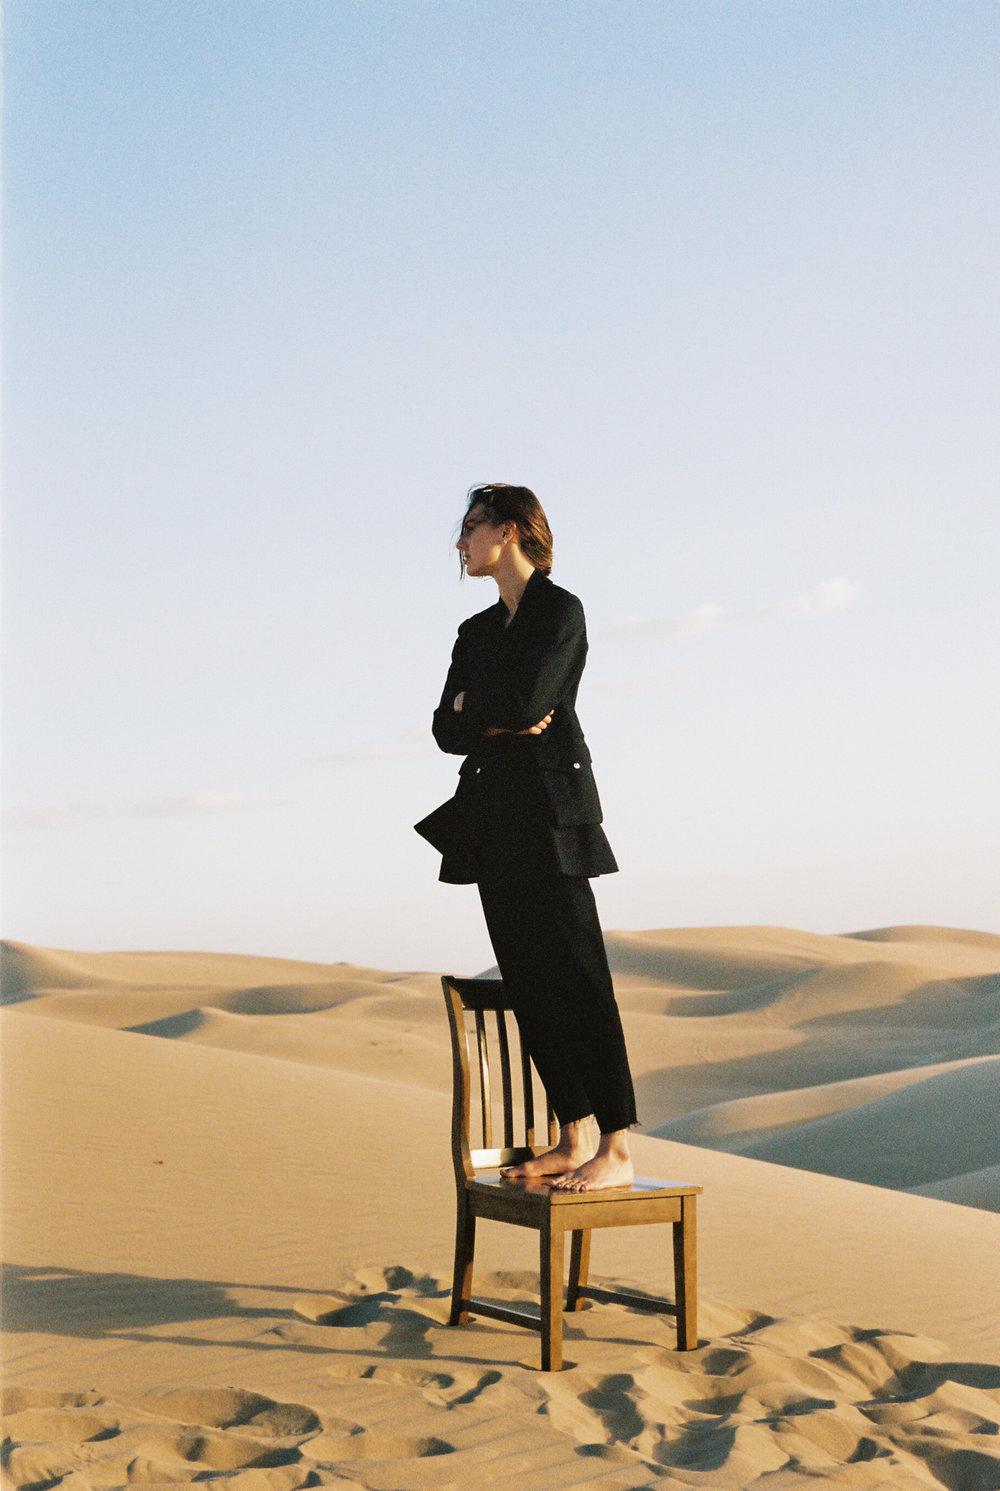 DesertFilm2 (36 of 101).jpg